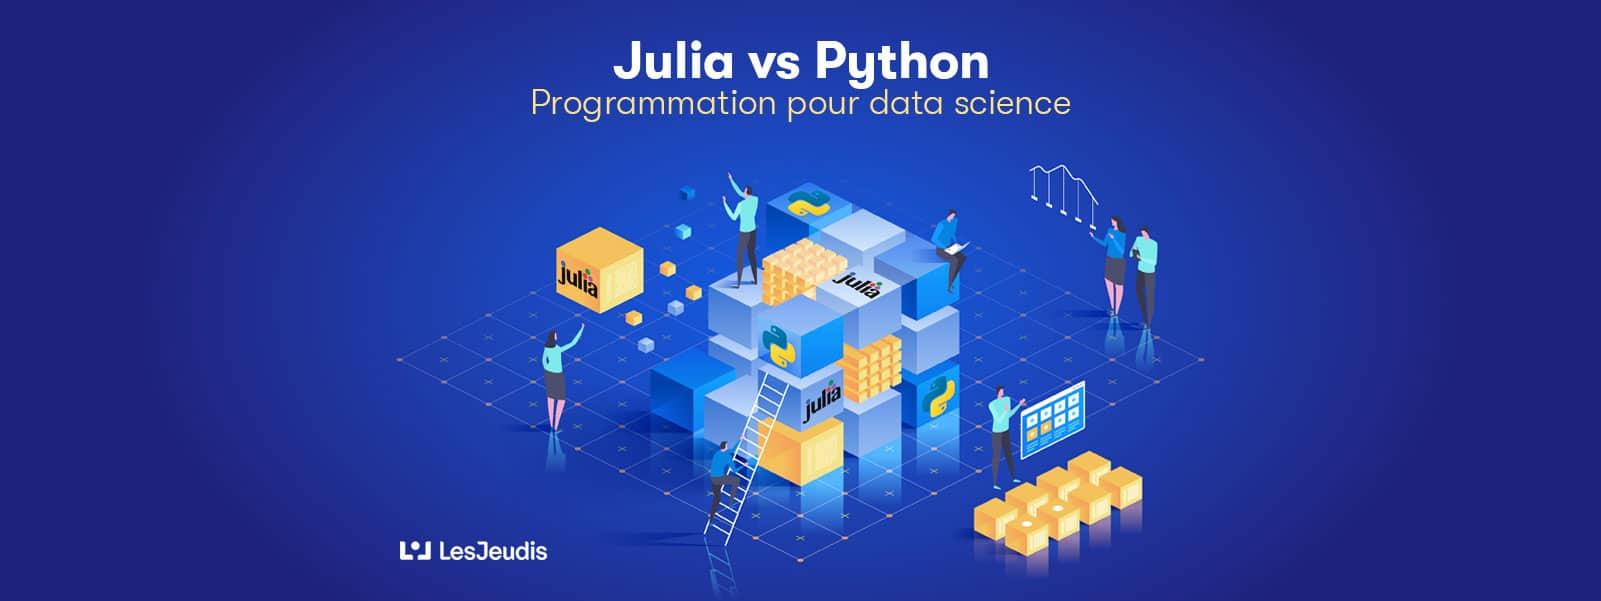 banniere sur la programmation julia et python